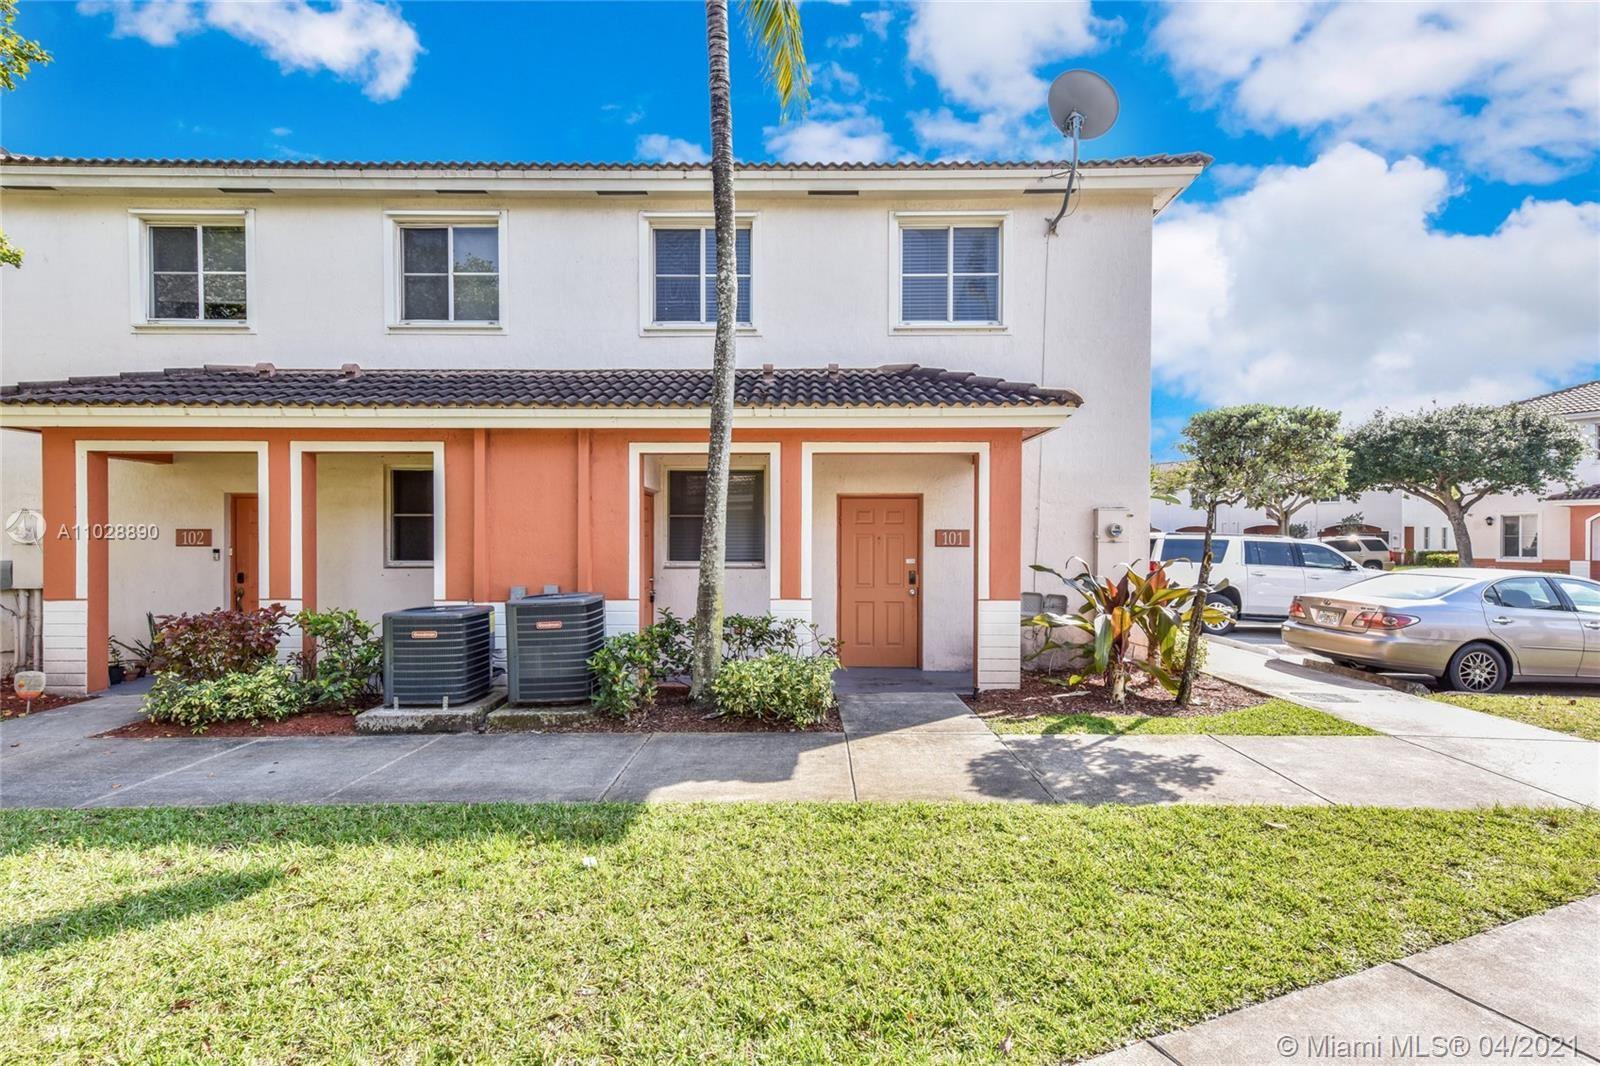 17333 NW 7th Ave #101, Miami Gardens, FL 33169 - #: A11028890